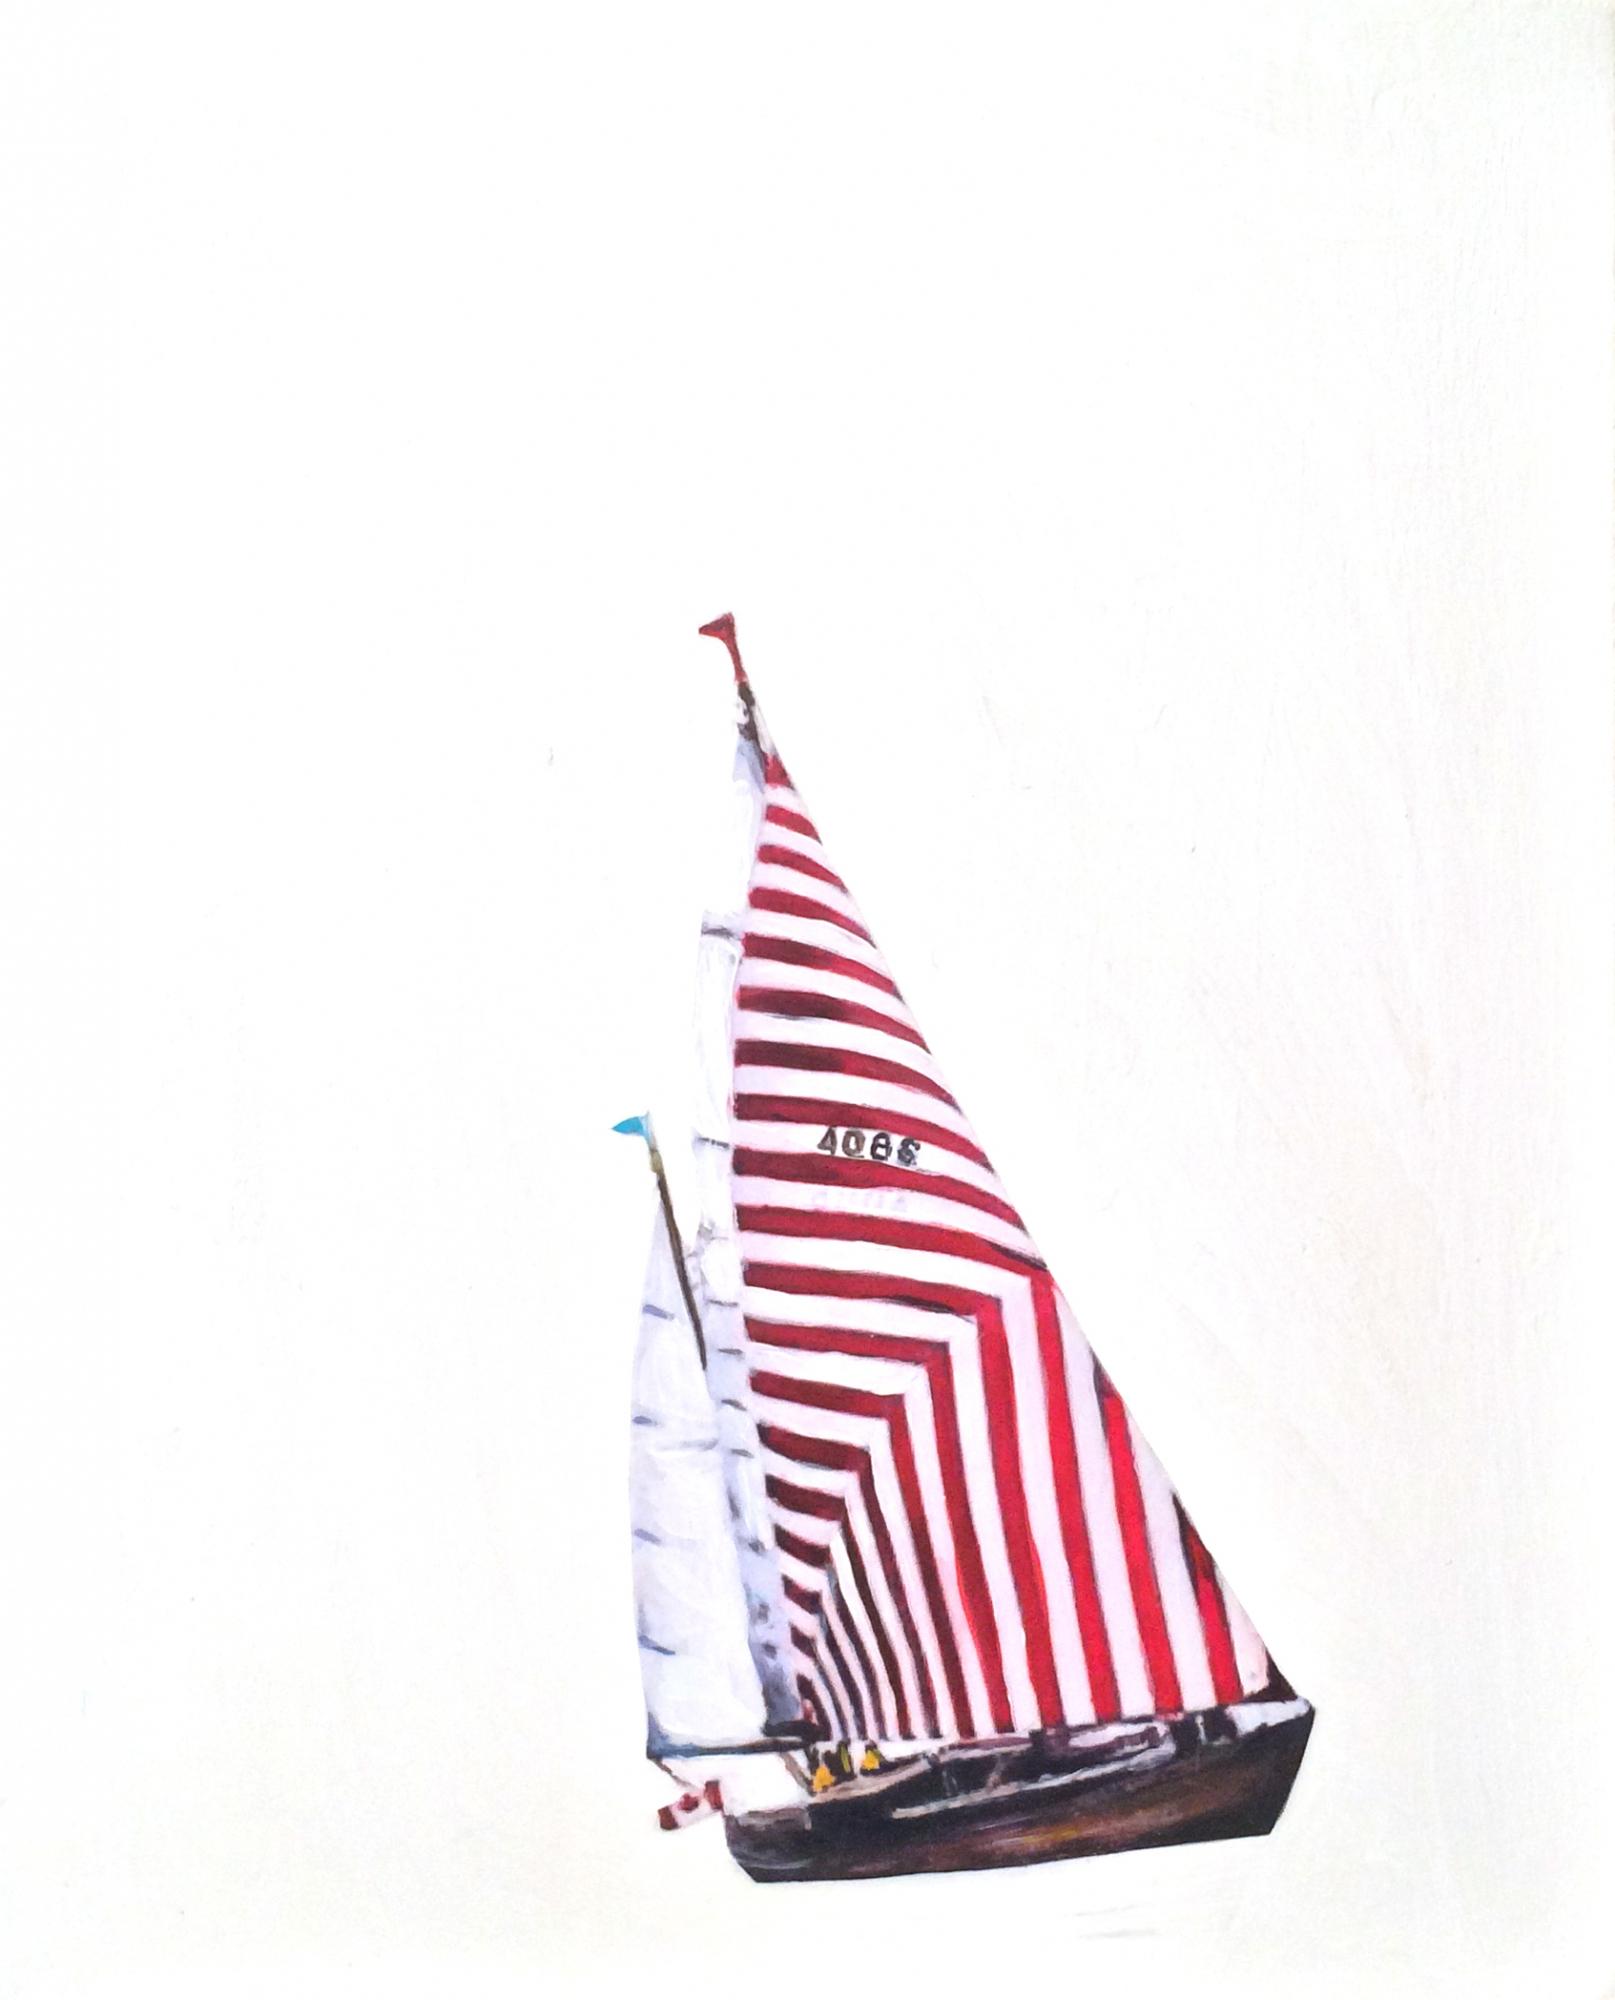 Windy Sail by EM Vincent